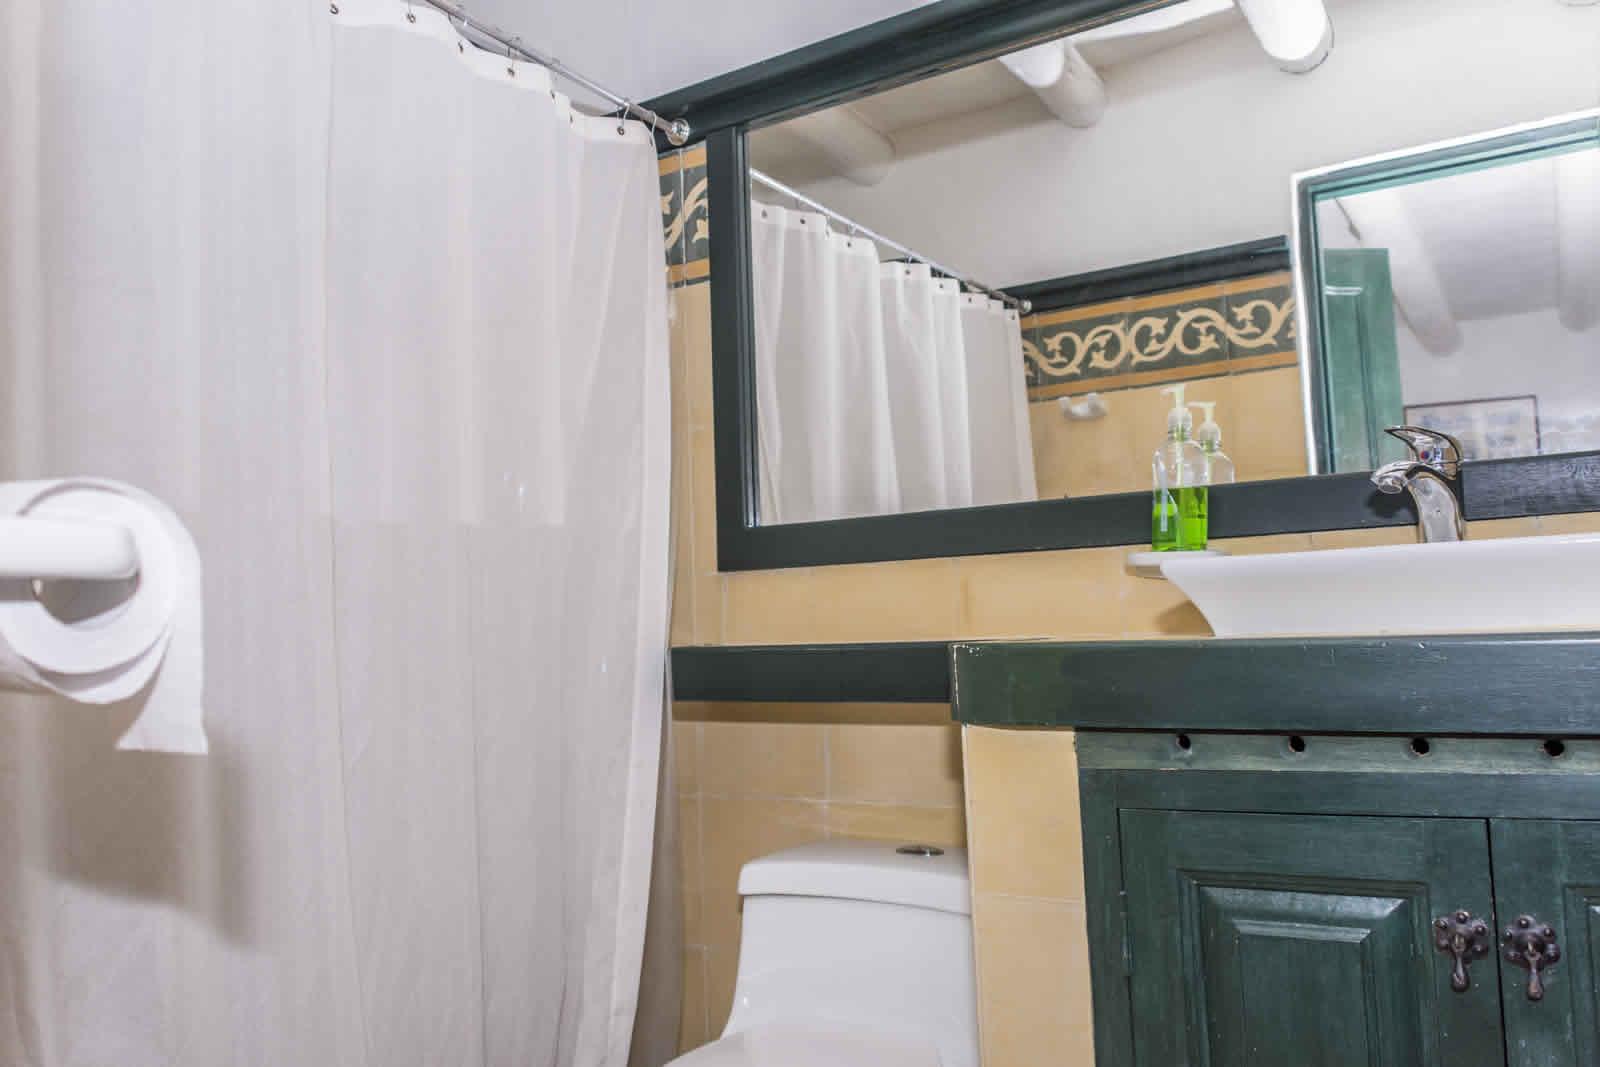 Alquiler casa Tulato Villa de Leyva baño habitación principal